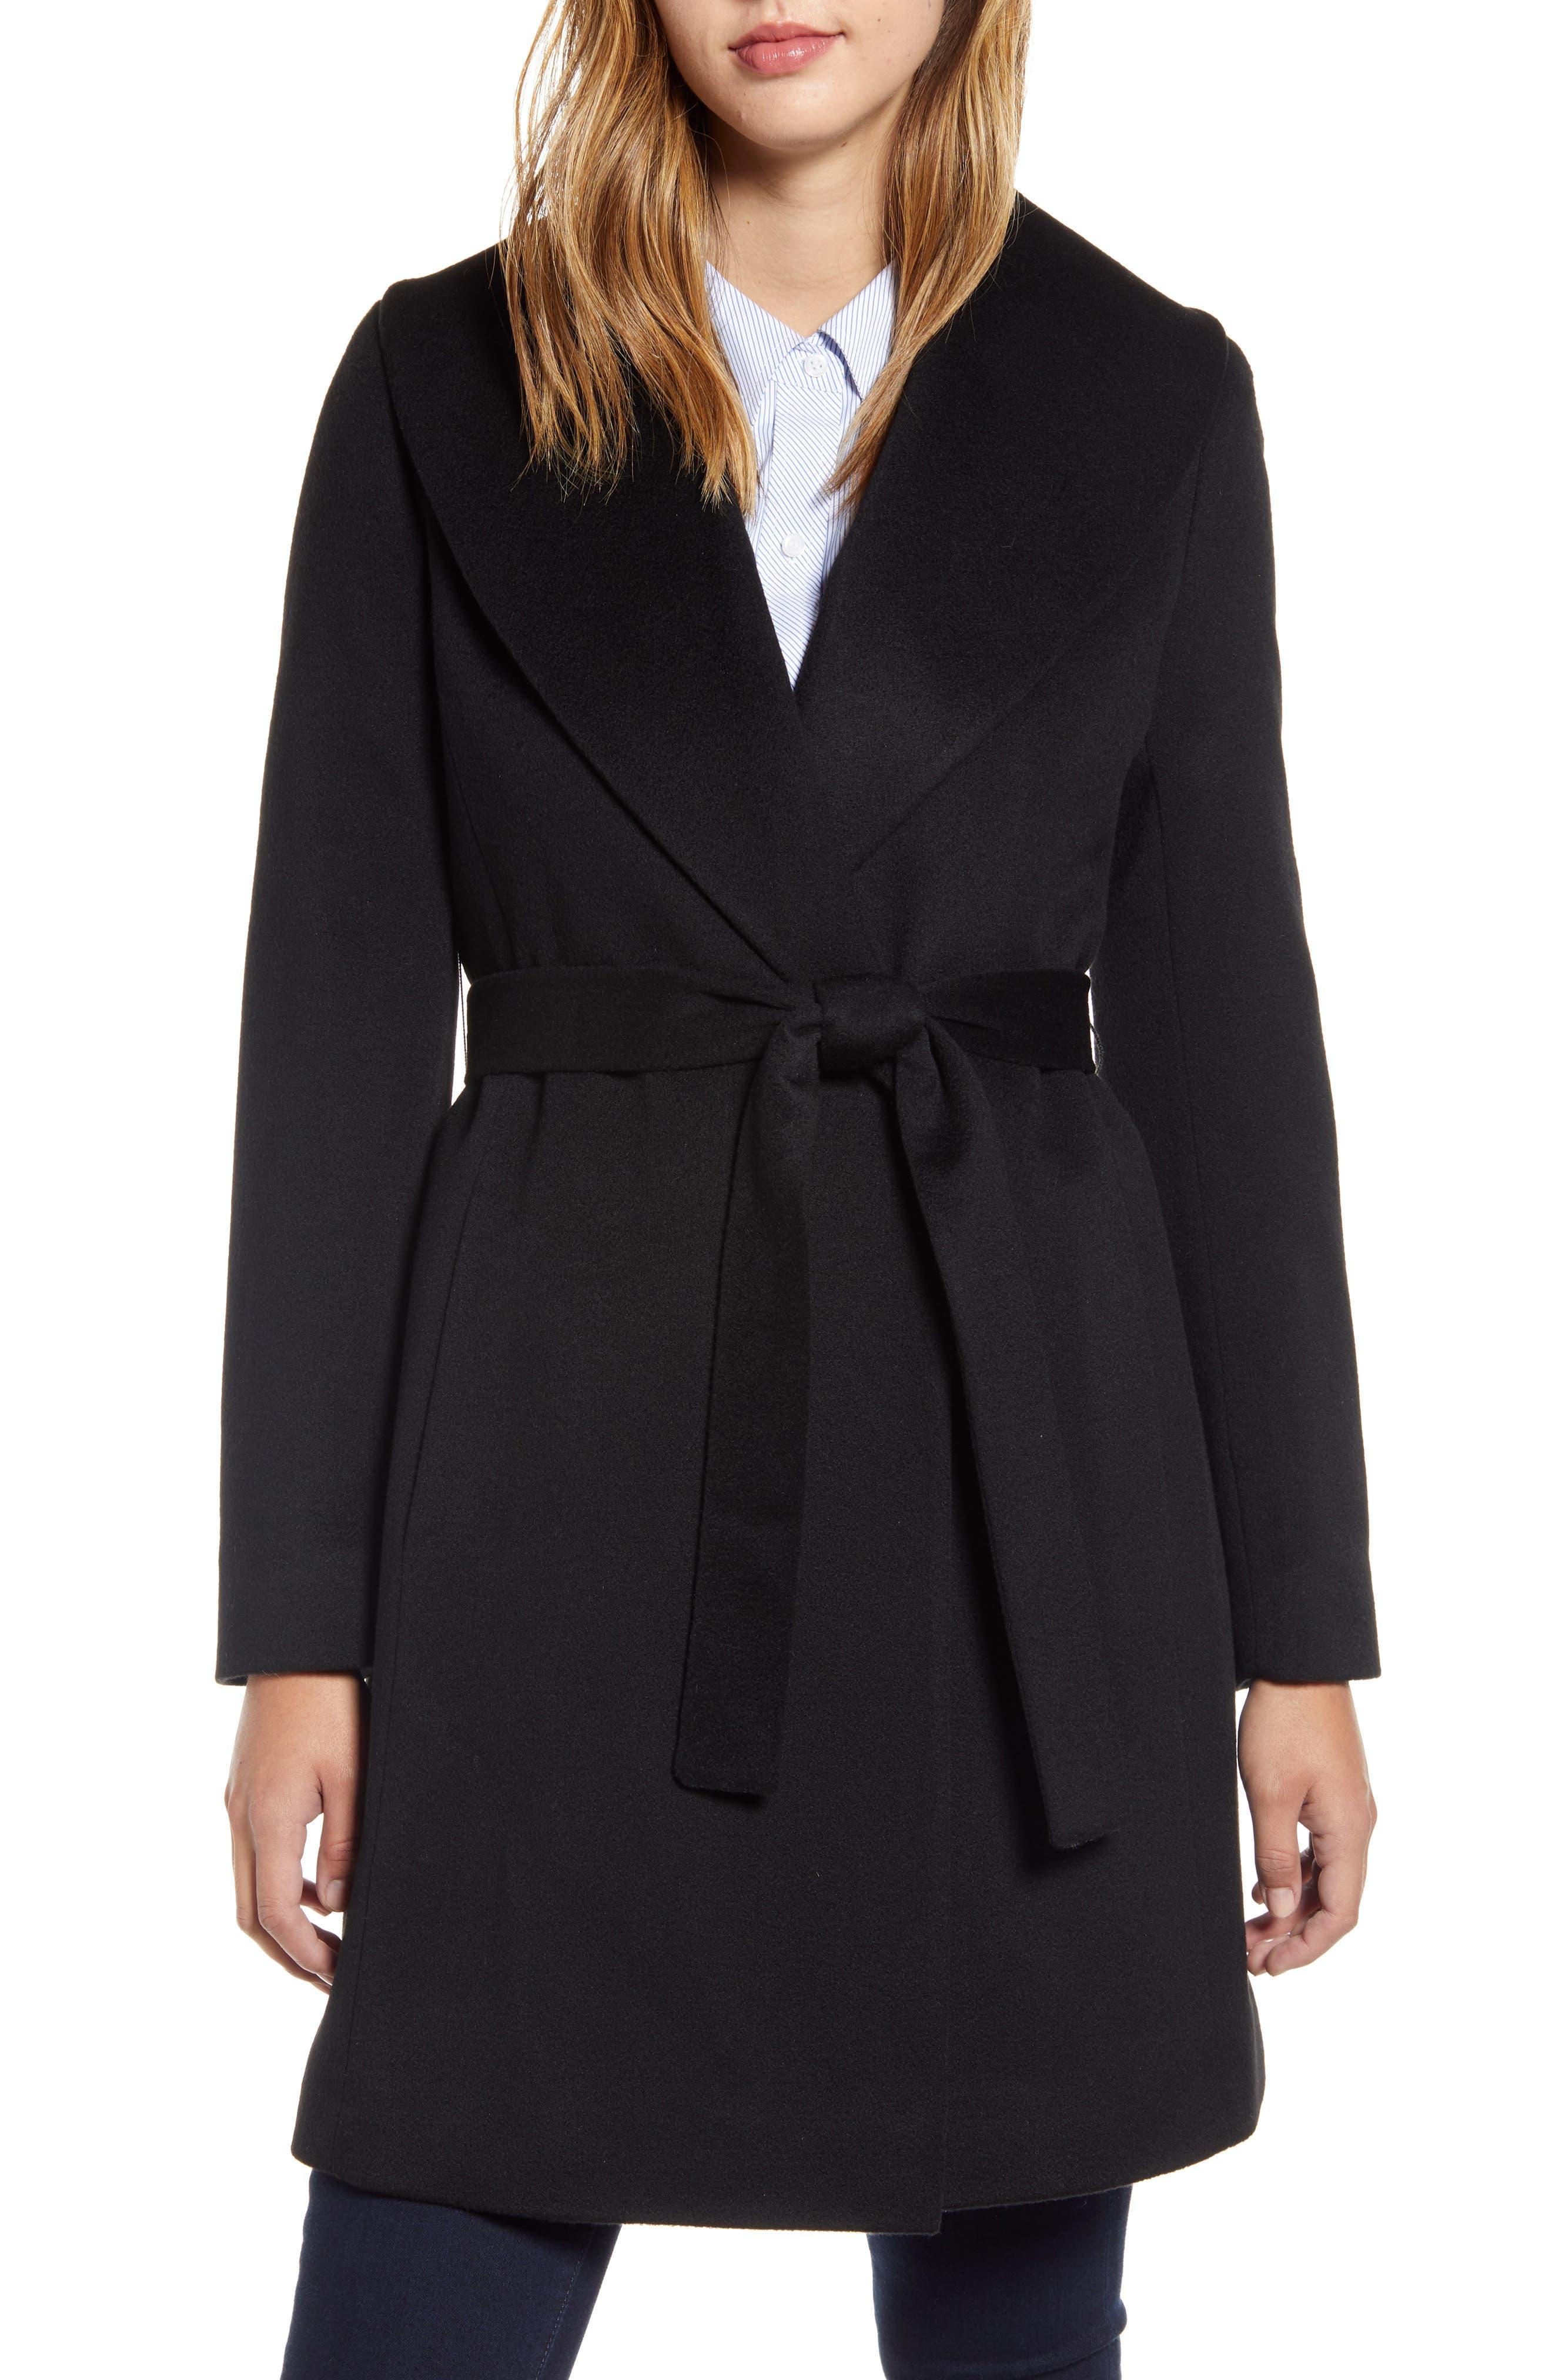 Shawl Collar Cashmere Wrap Coat by Fleurette